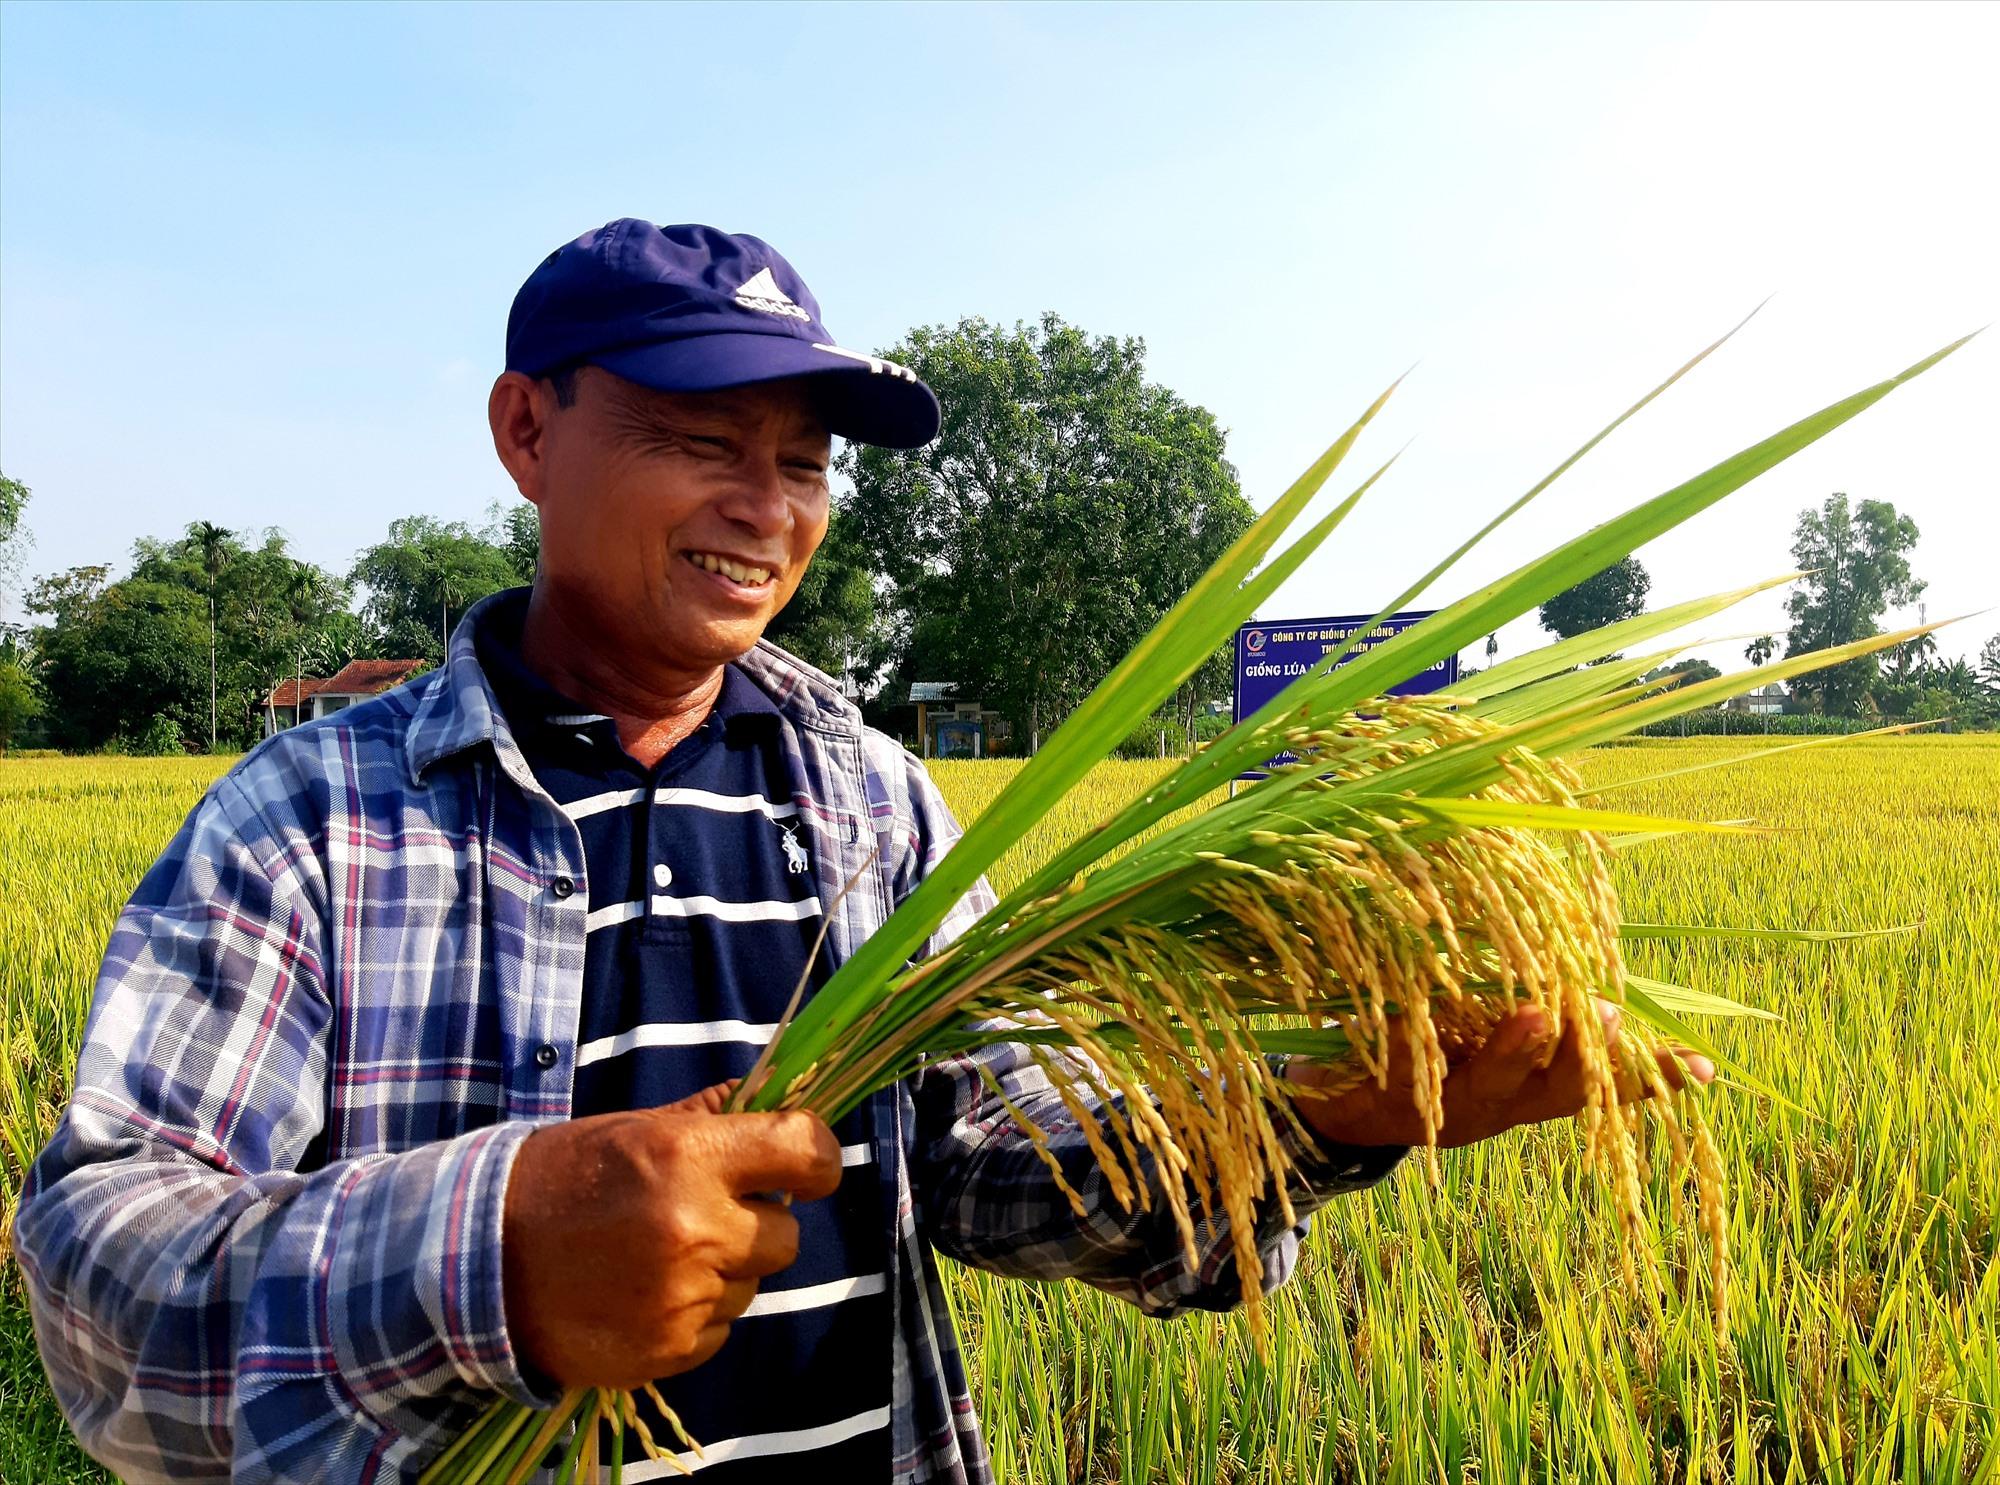 Nhiều nông dân ở xã Quế Phú rất phấn khởi vì vụ hè thu 2020 này hầu hết ruộng lúa thuần ĐT100 đều cho năng suất cao. Ảnh: N.P